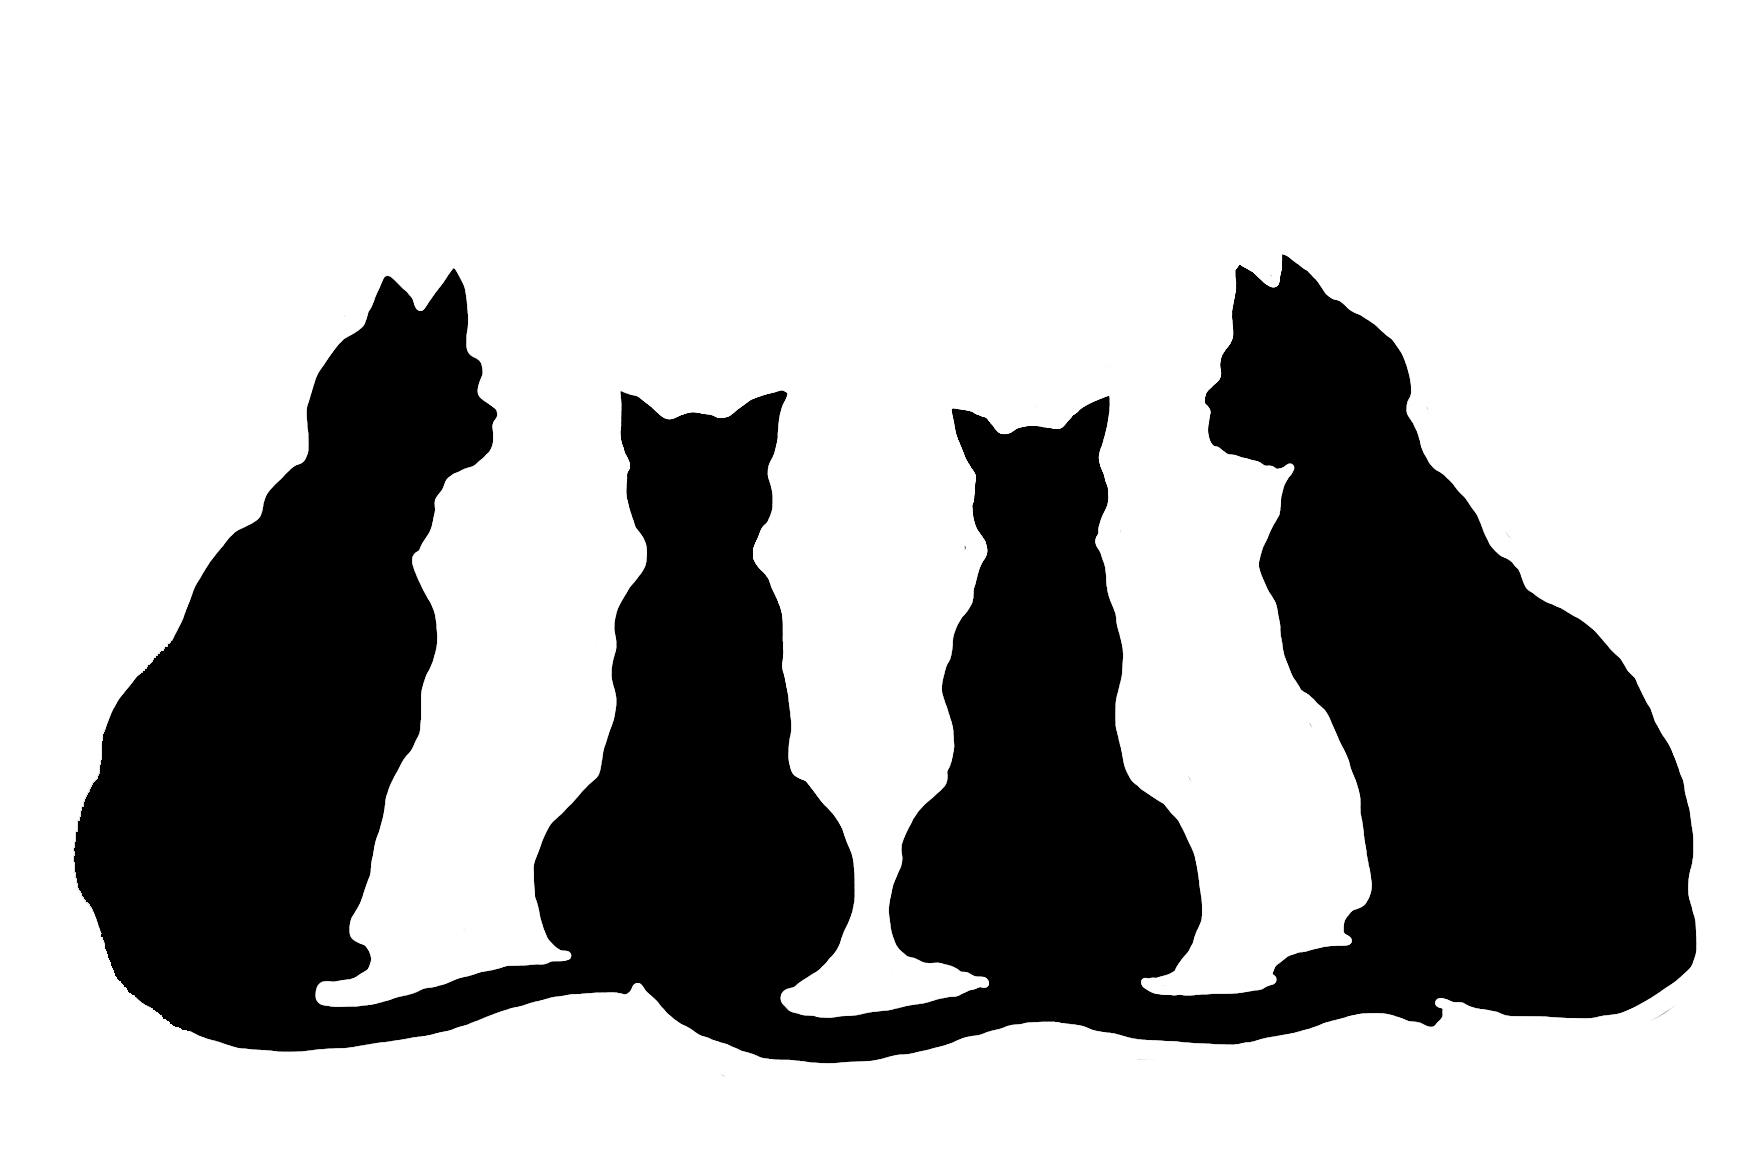 cat silhouette wallpaper - wallpapersafari